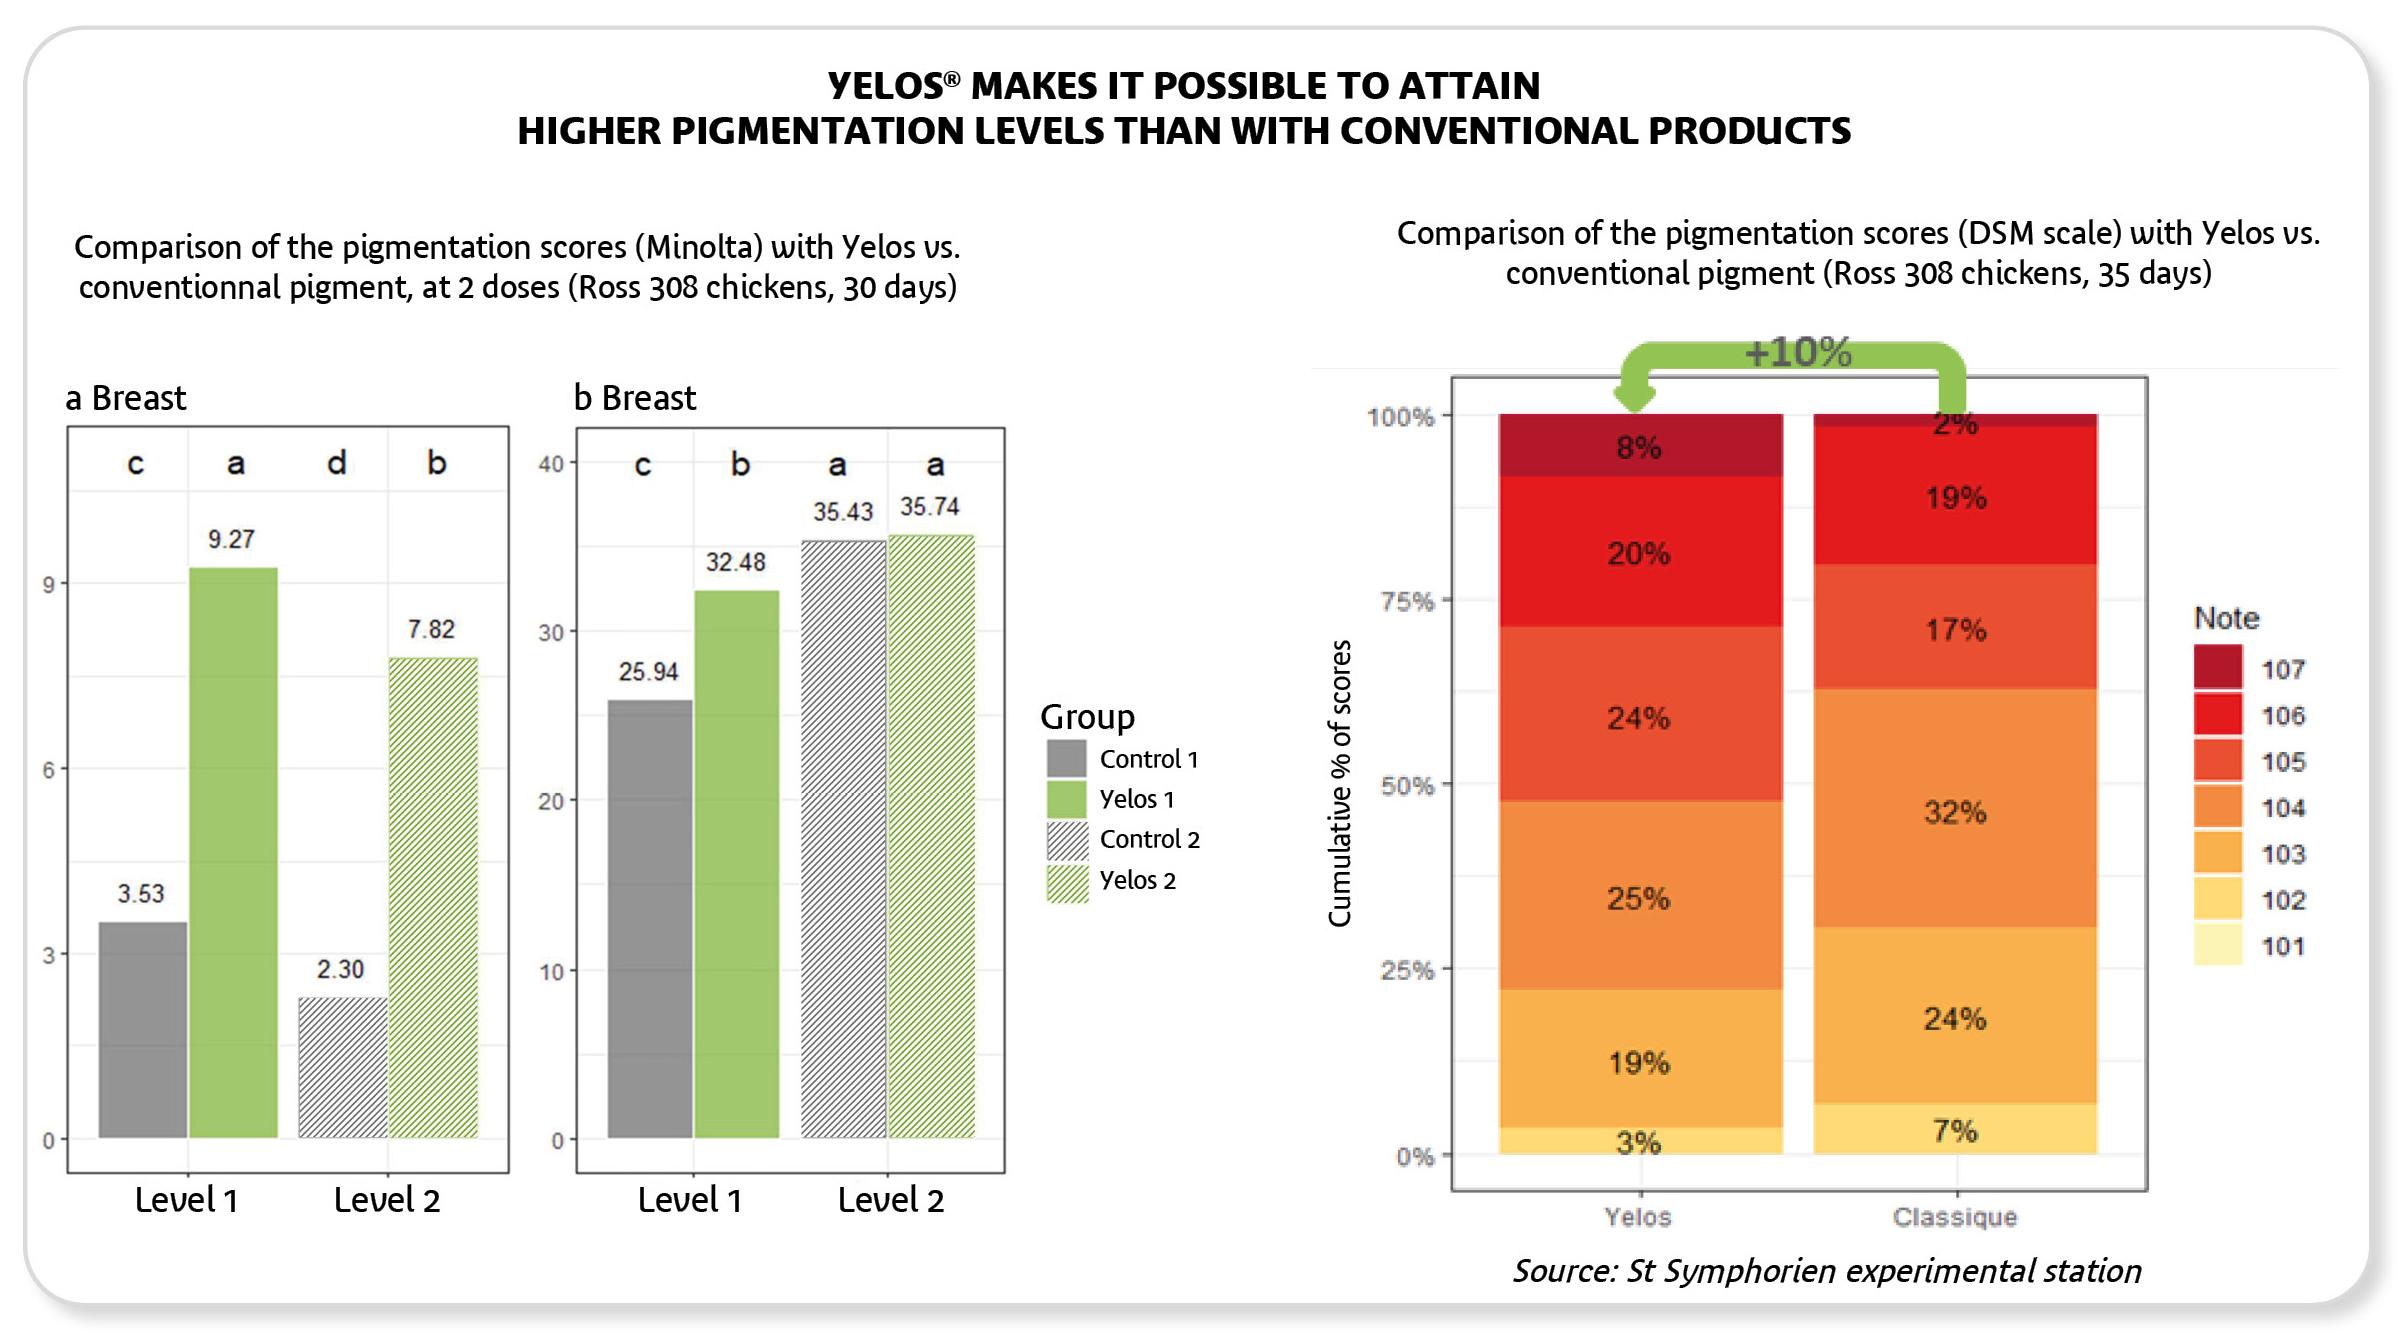 Yelos permet d'atteindre des niveaux de pigmentation supérieurs aux produits classiques